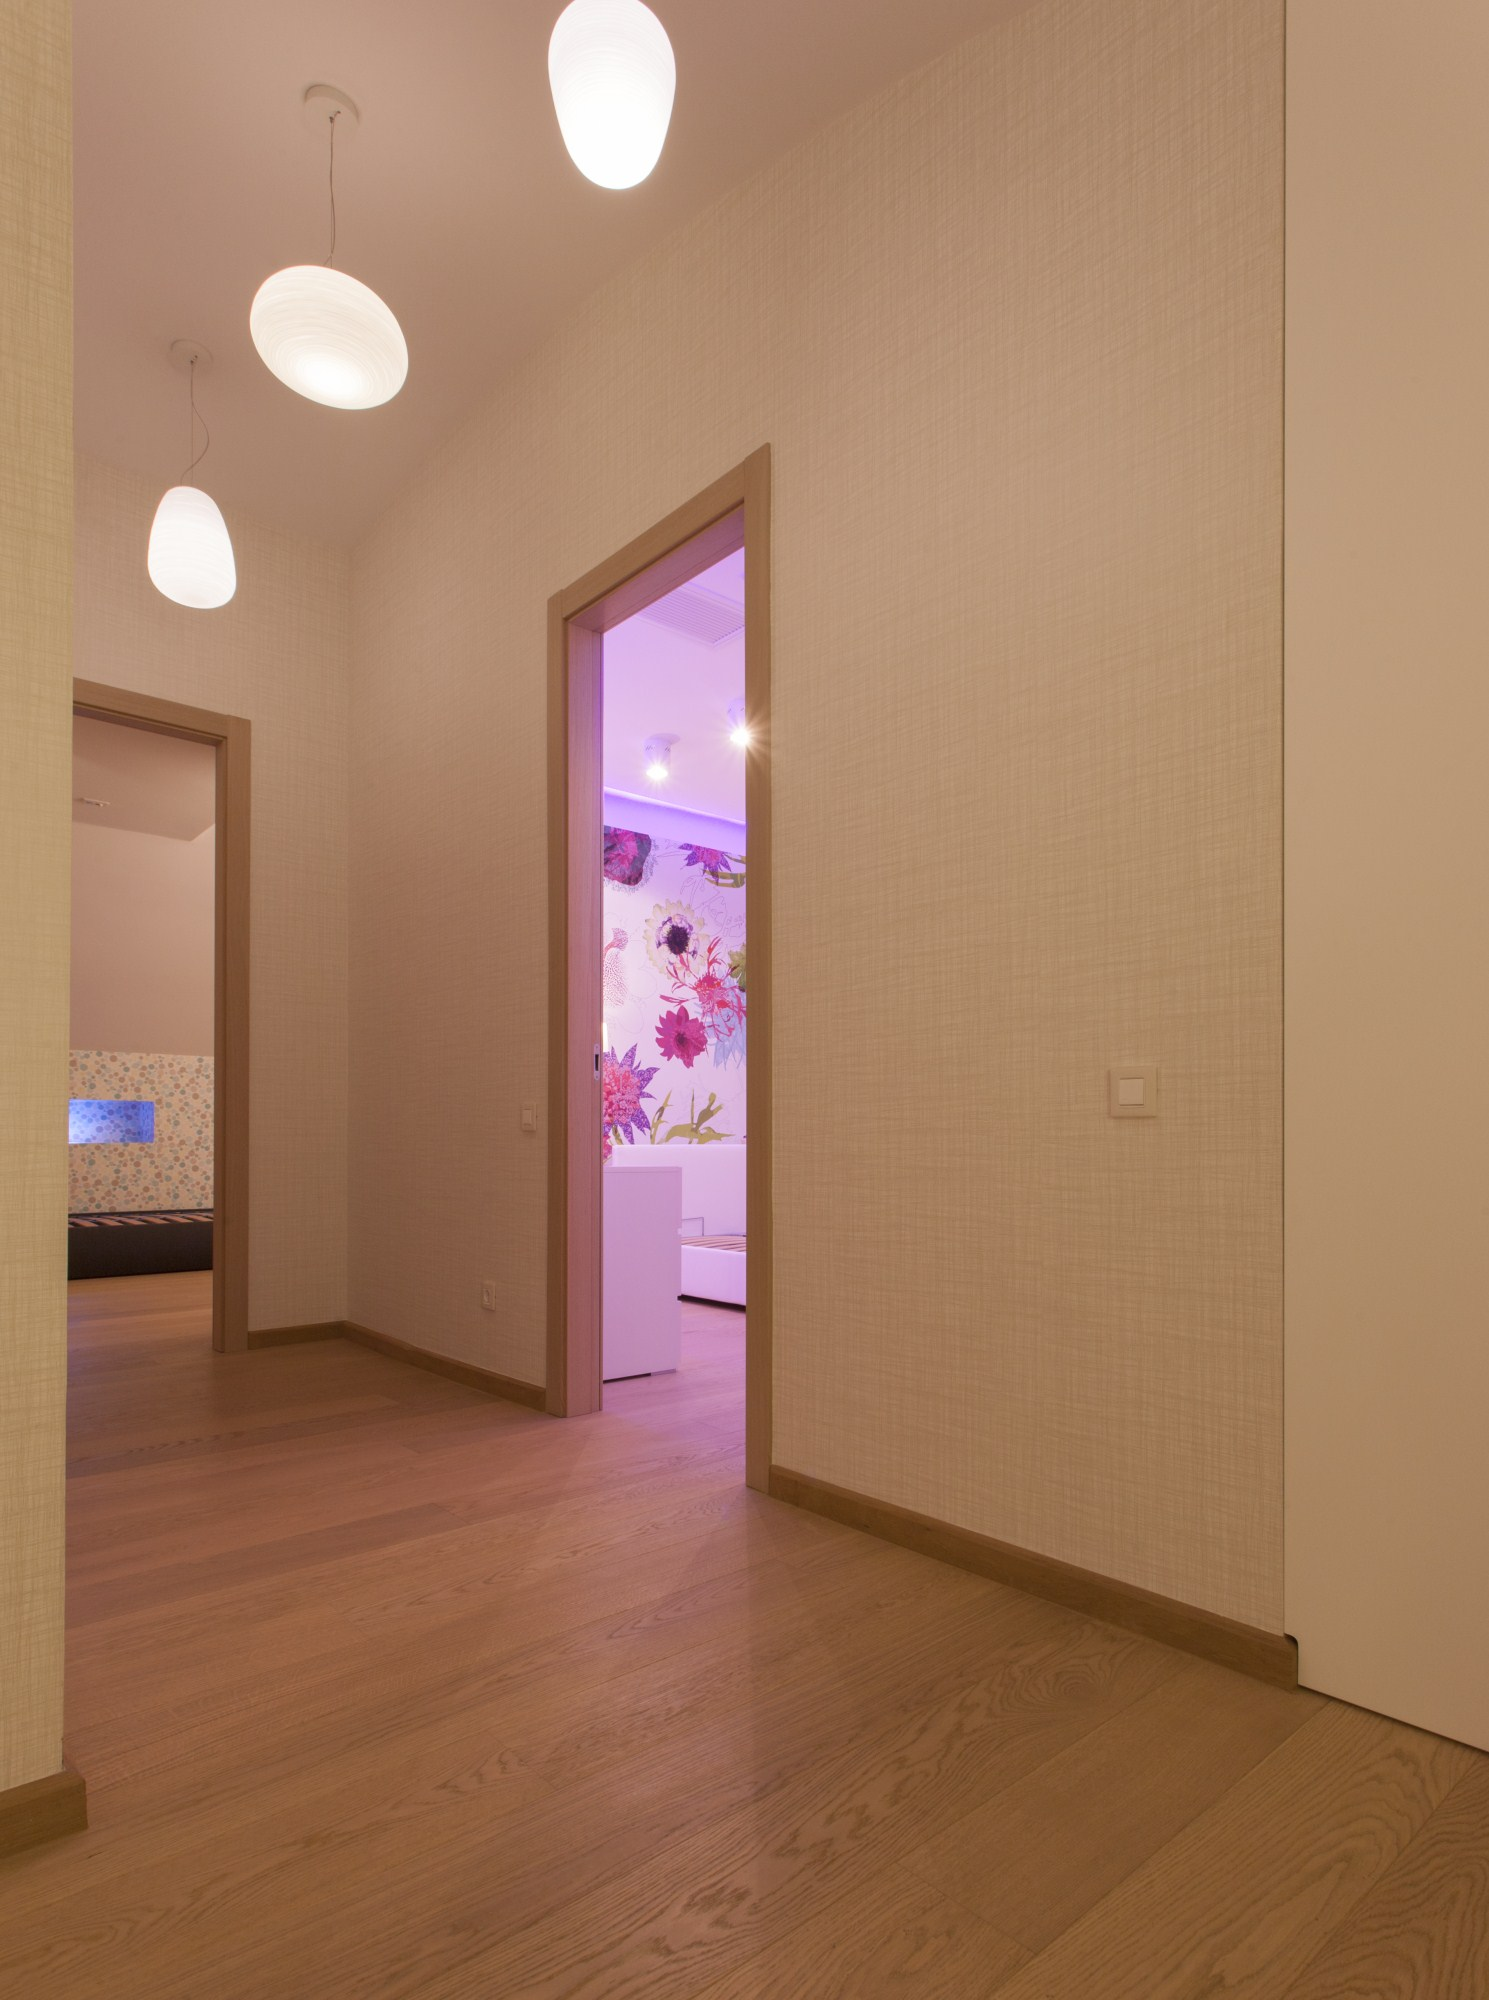 https://nbc-arhitect.ro/wp-content/uploads/2020/10/NBC-Arhitect-_-Petofi-Sandor-_-Housing-_-interior-design_4.jpg